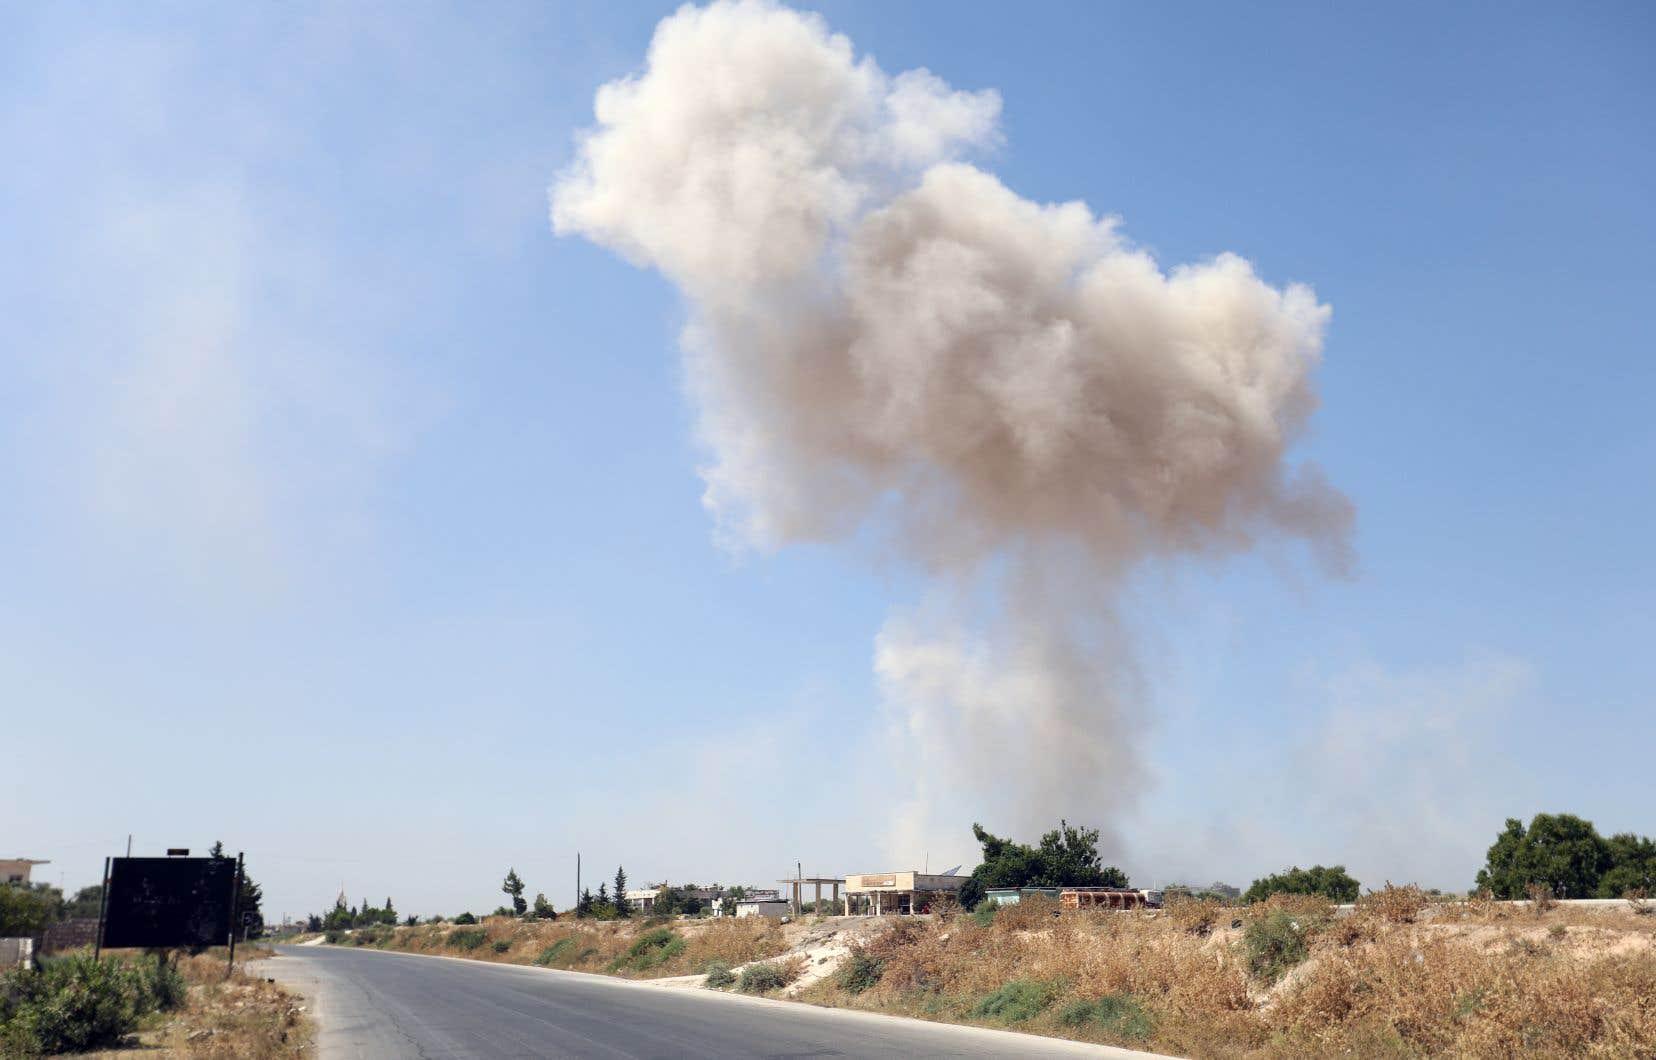 Un épais nuage de fumée est aperçu à Maaret al-Noomane, dans la province d'Idleb, après des raids aériens attribués au régime syrien, samedi.